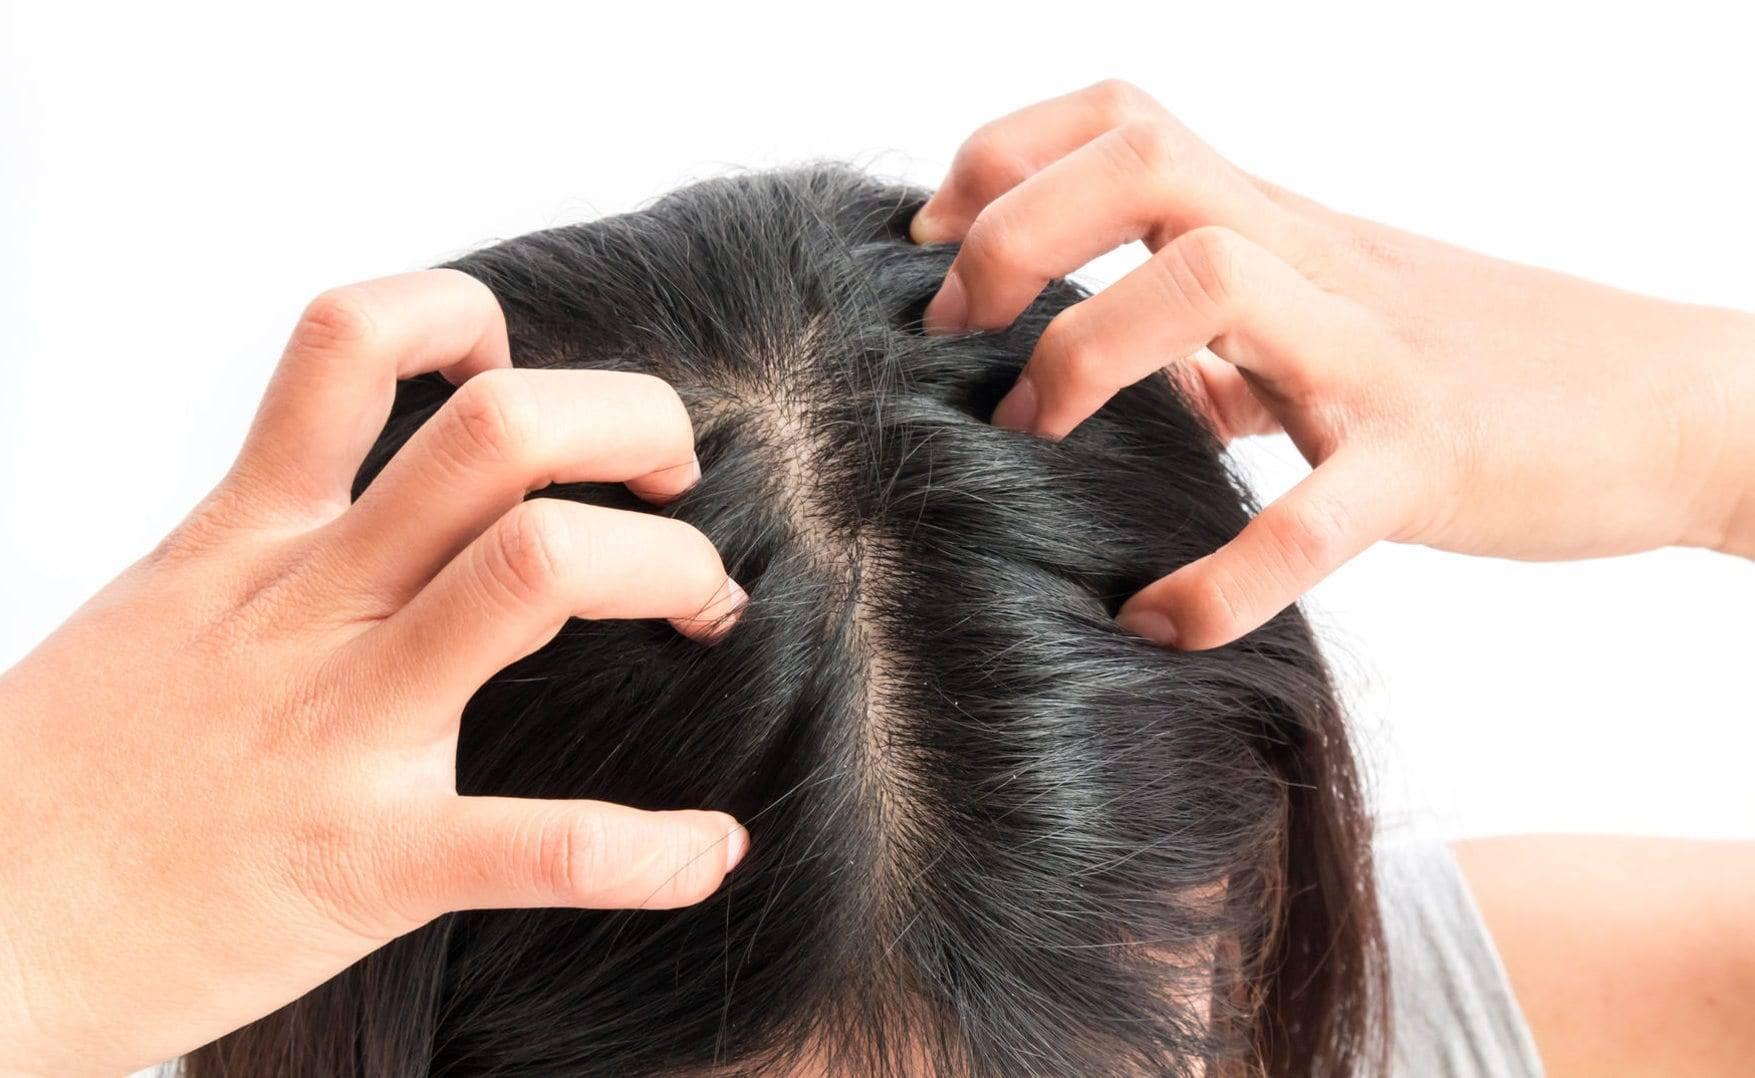 Перхоть у подростка: как избавиться и чем лечить на голове, почему появляется в 12 лет - причины и лечение